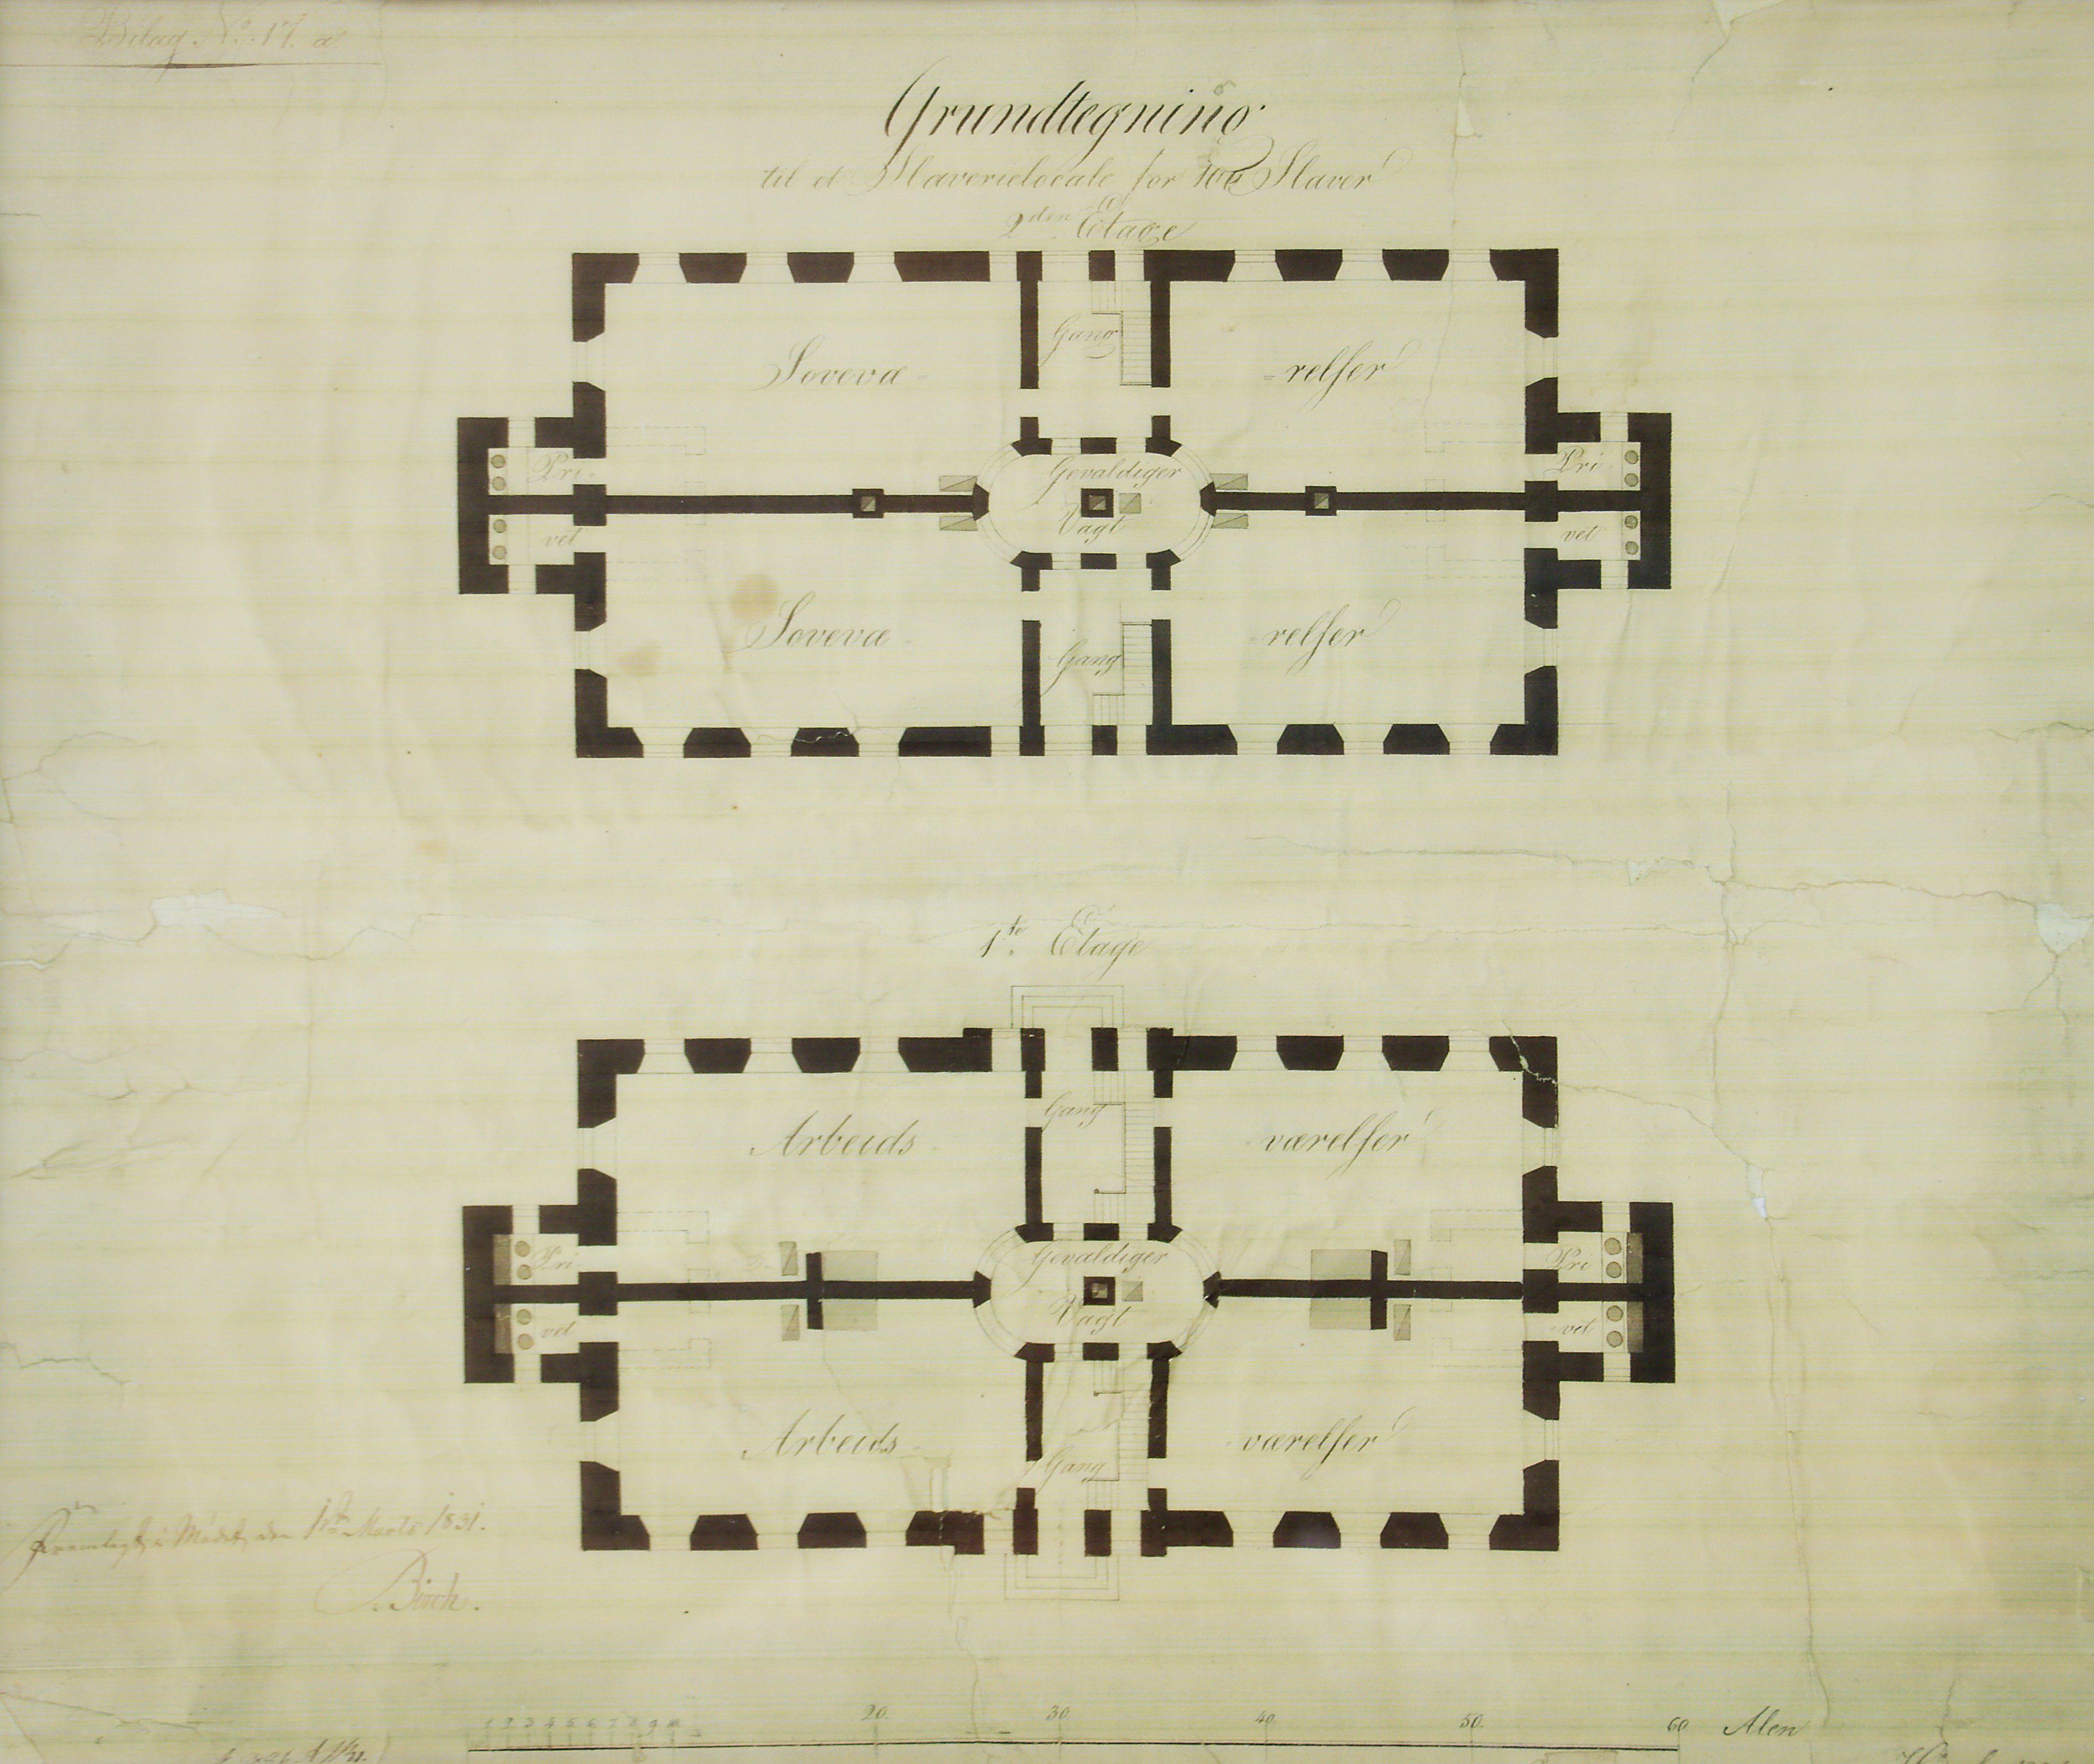 Originale plantegning av Slaveriet som viser de fire originale rommene i hver etasje.